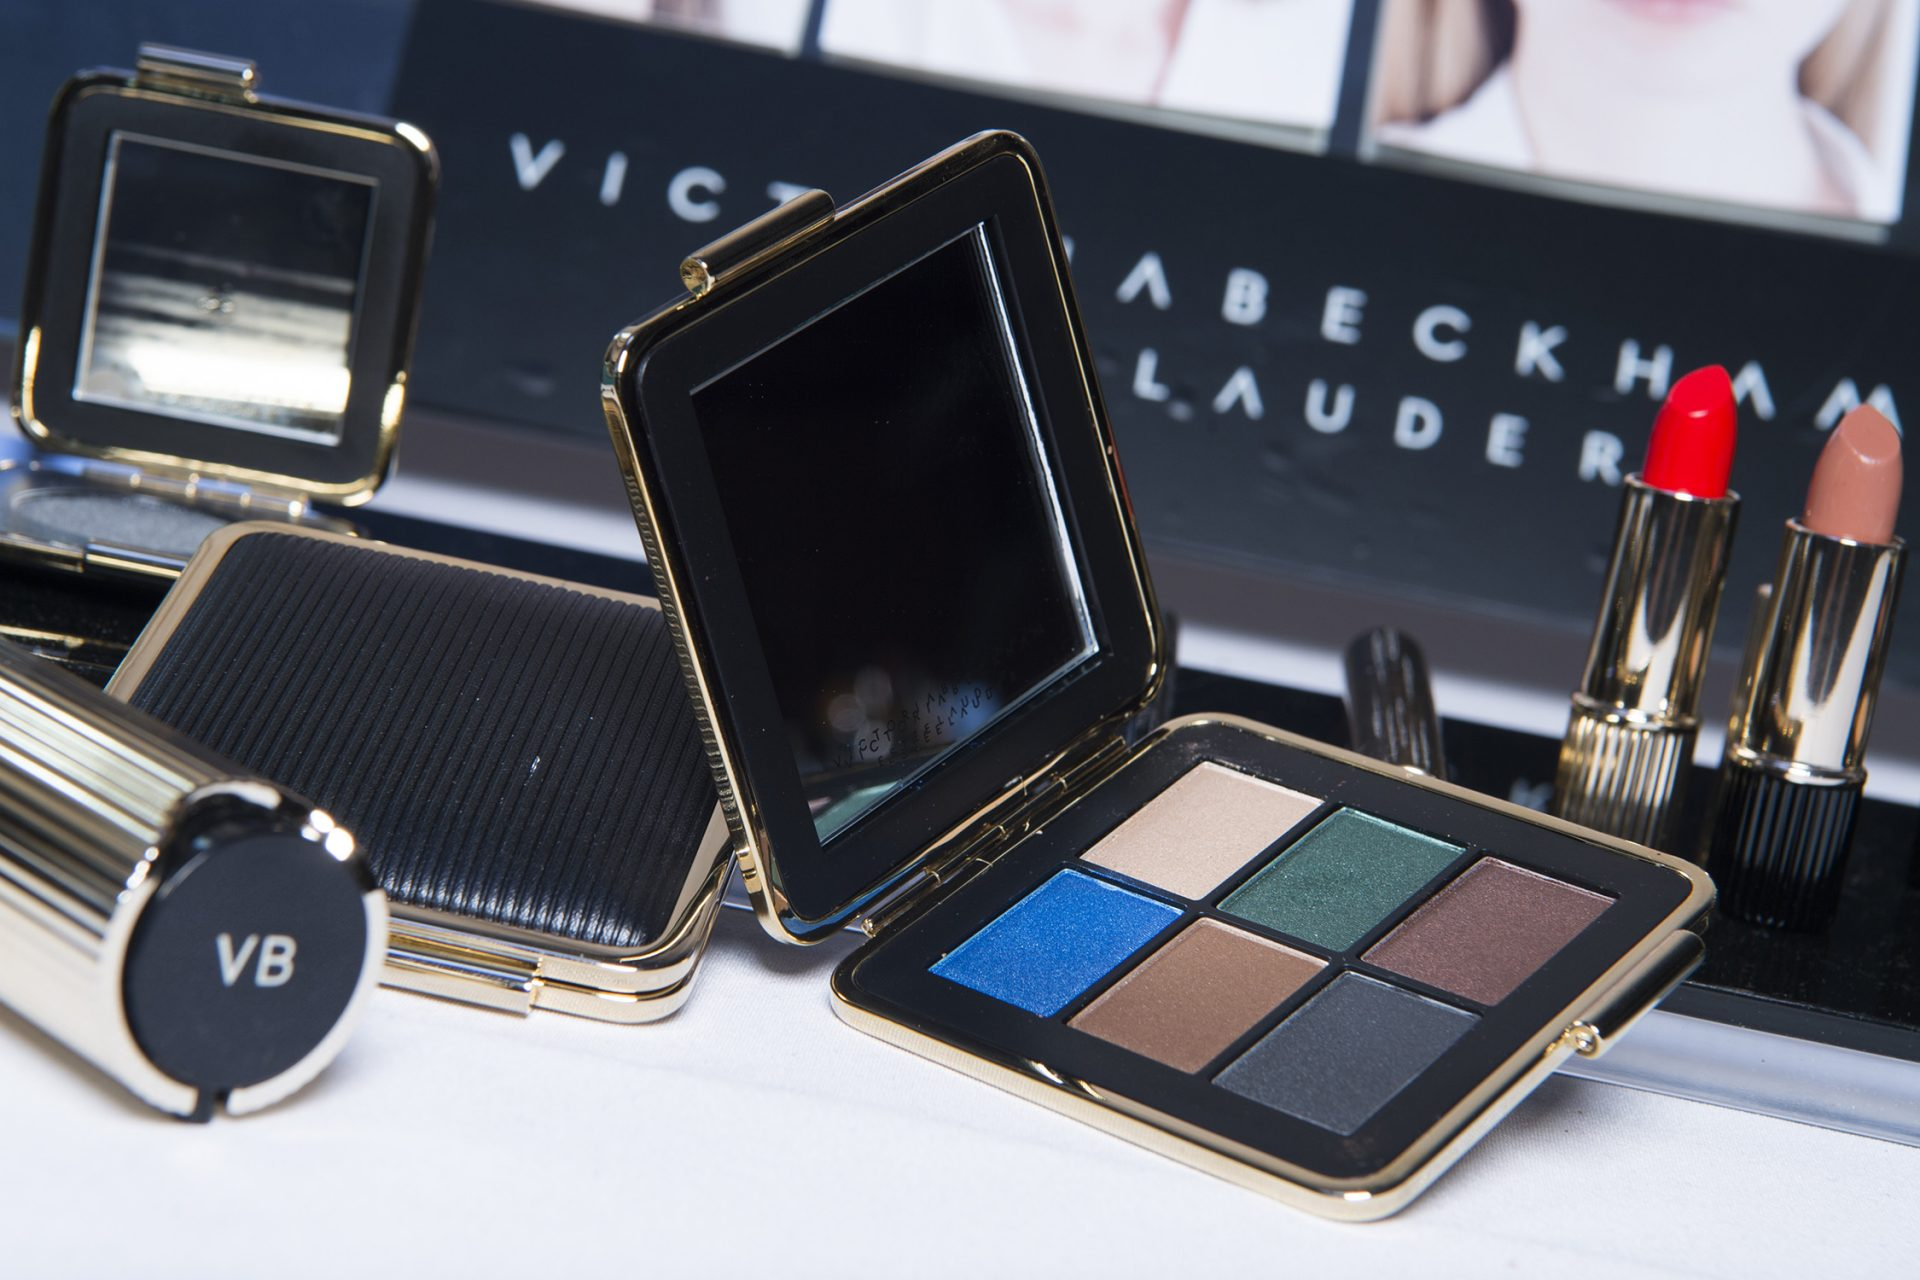 Czas na kosmetyczne nowości! Victoria Beckham dla Estee Lauder